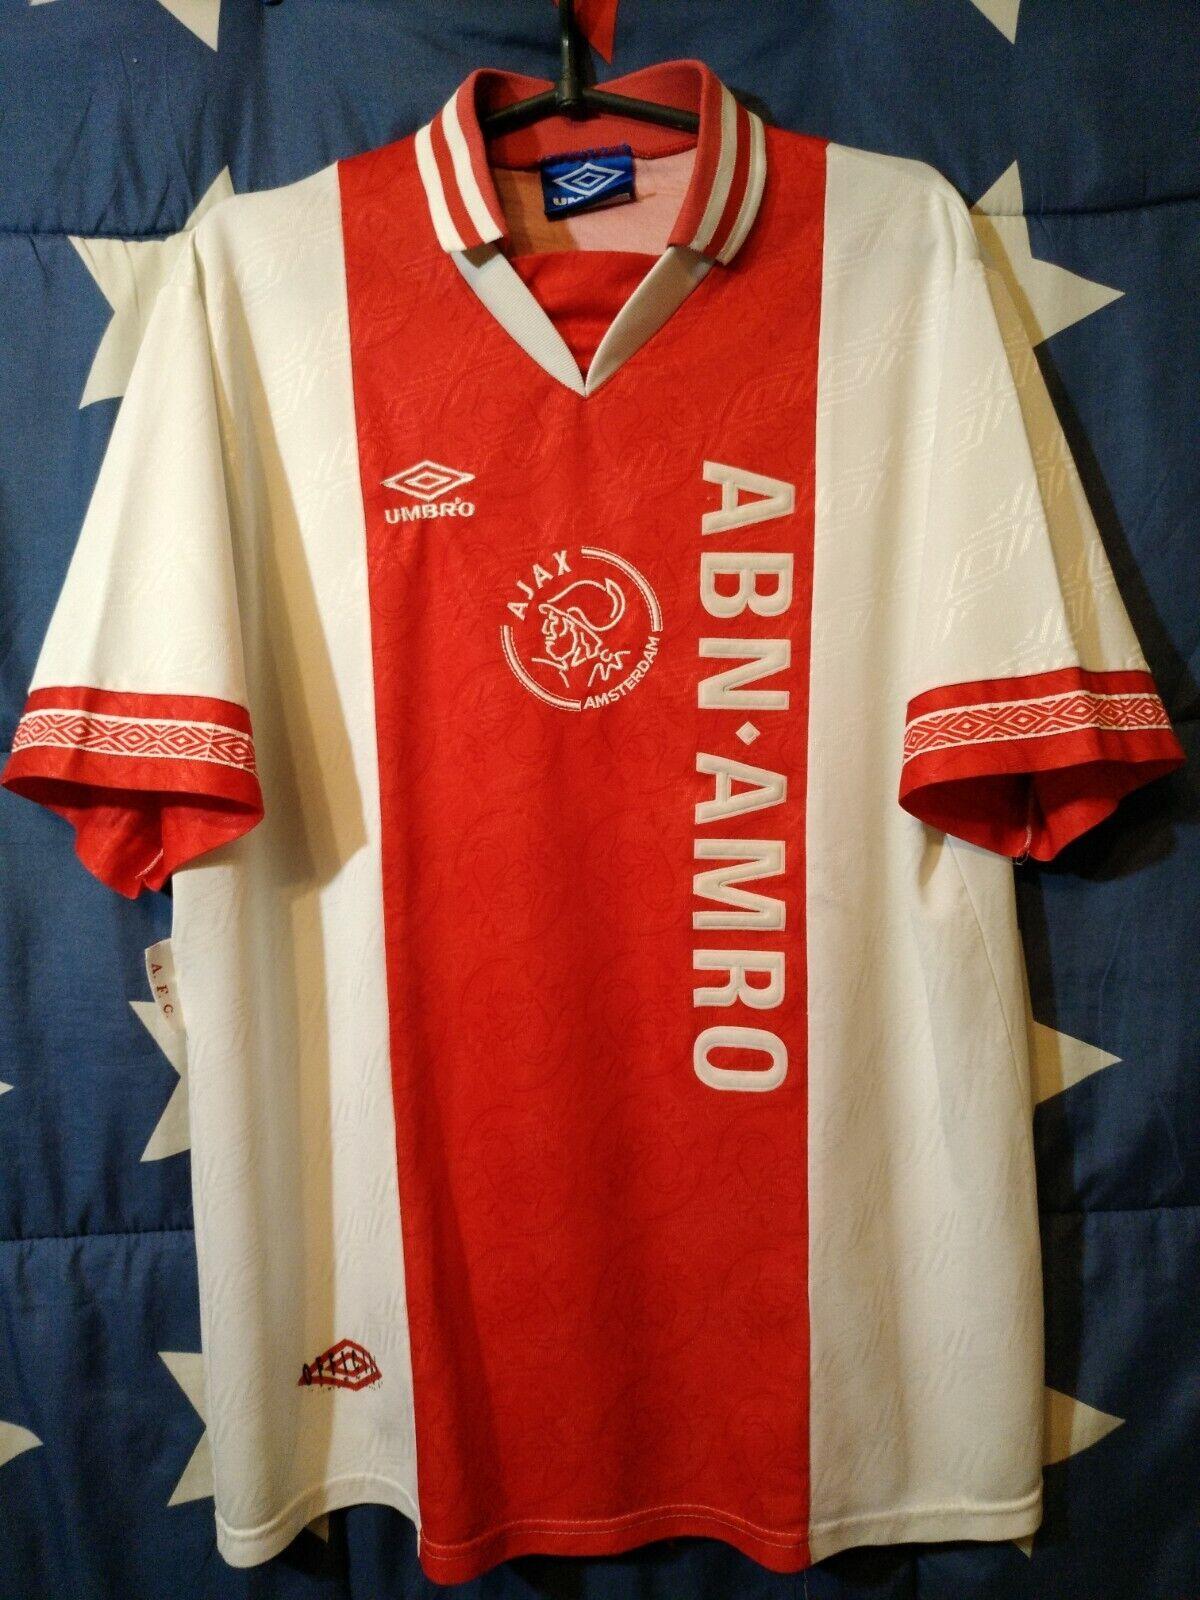 Größe XL AJAX 1994-1995 HOME FOOTBALL SHIRT JERSEY UMBRO